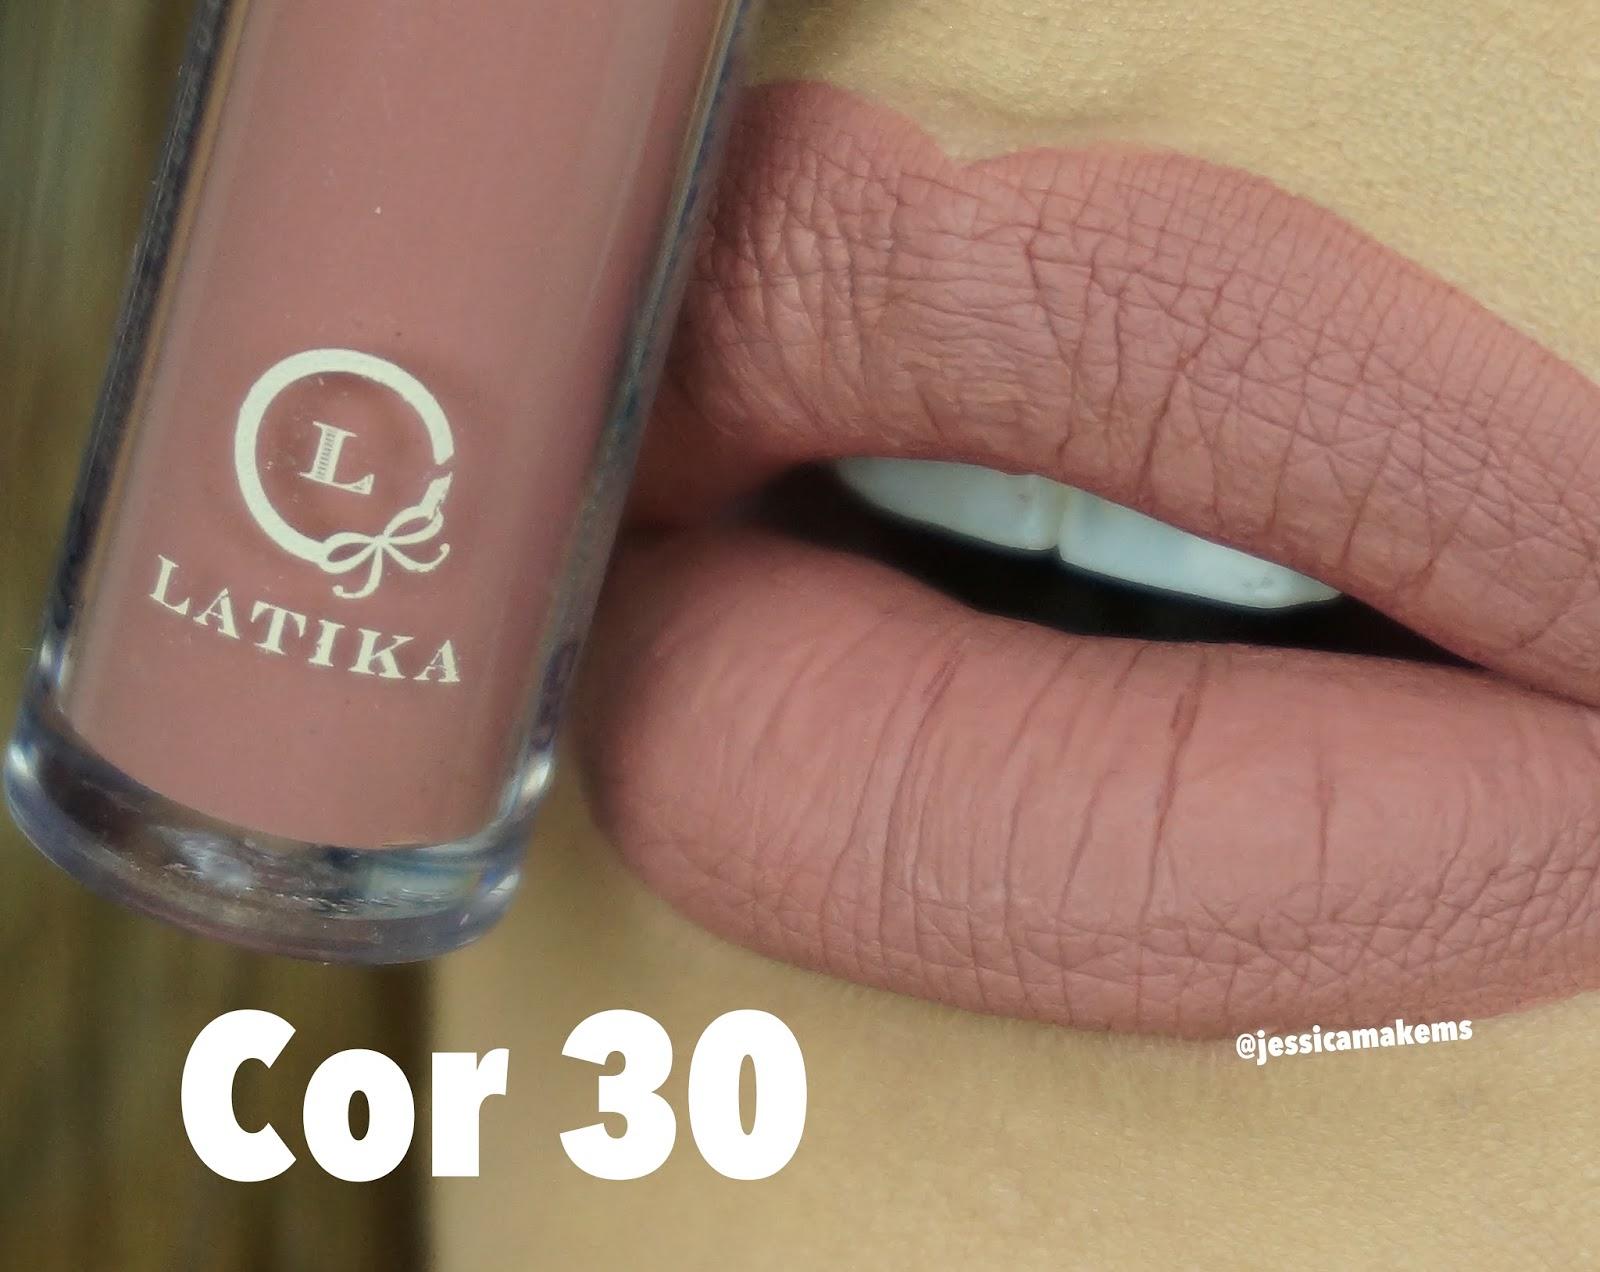 Extremamente Jessica Make: NOVOS BATONS LIQUIDOS MATTE - LATIKA (NUDES E METALICOS) ER53